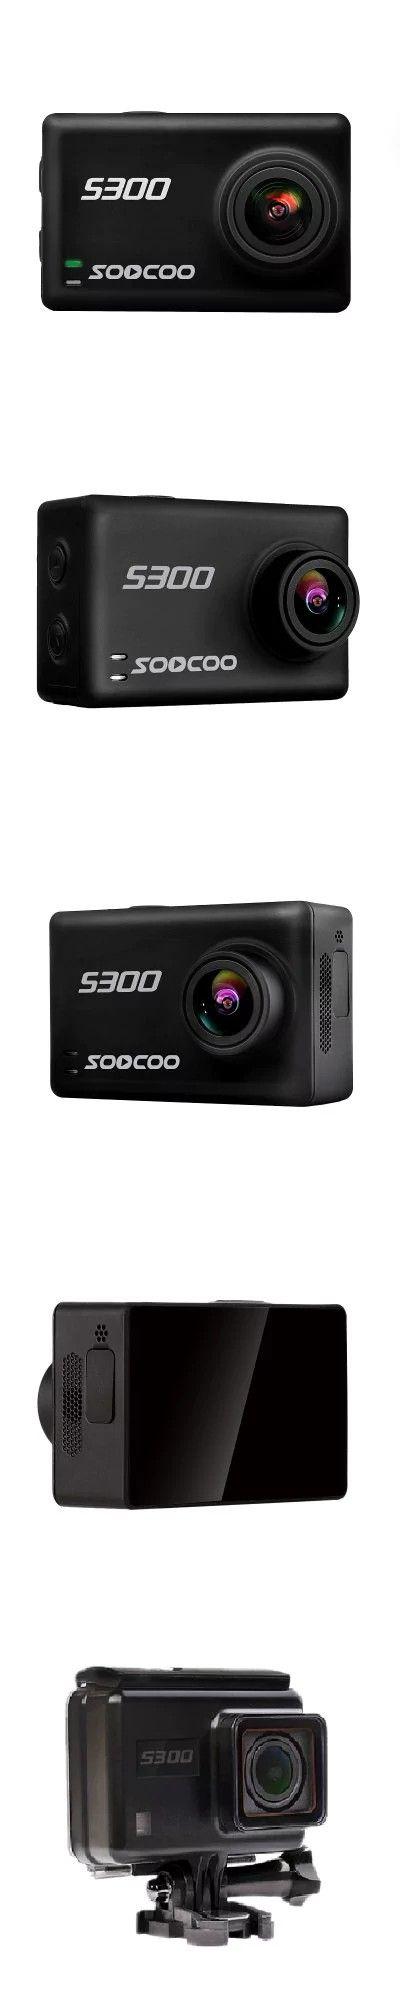 SOOCOO S300 Sports Camera Hi3559V100 + IMX377 Built-In WiFi Gyroscope Anti-shake 4K 30FPS External Microphone -$168